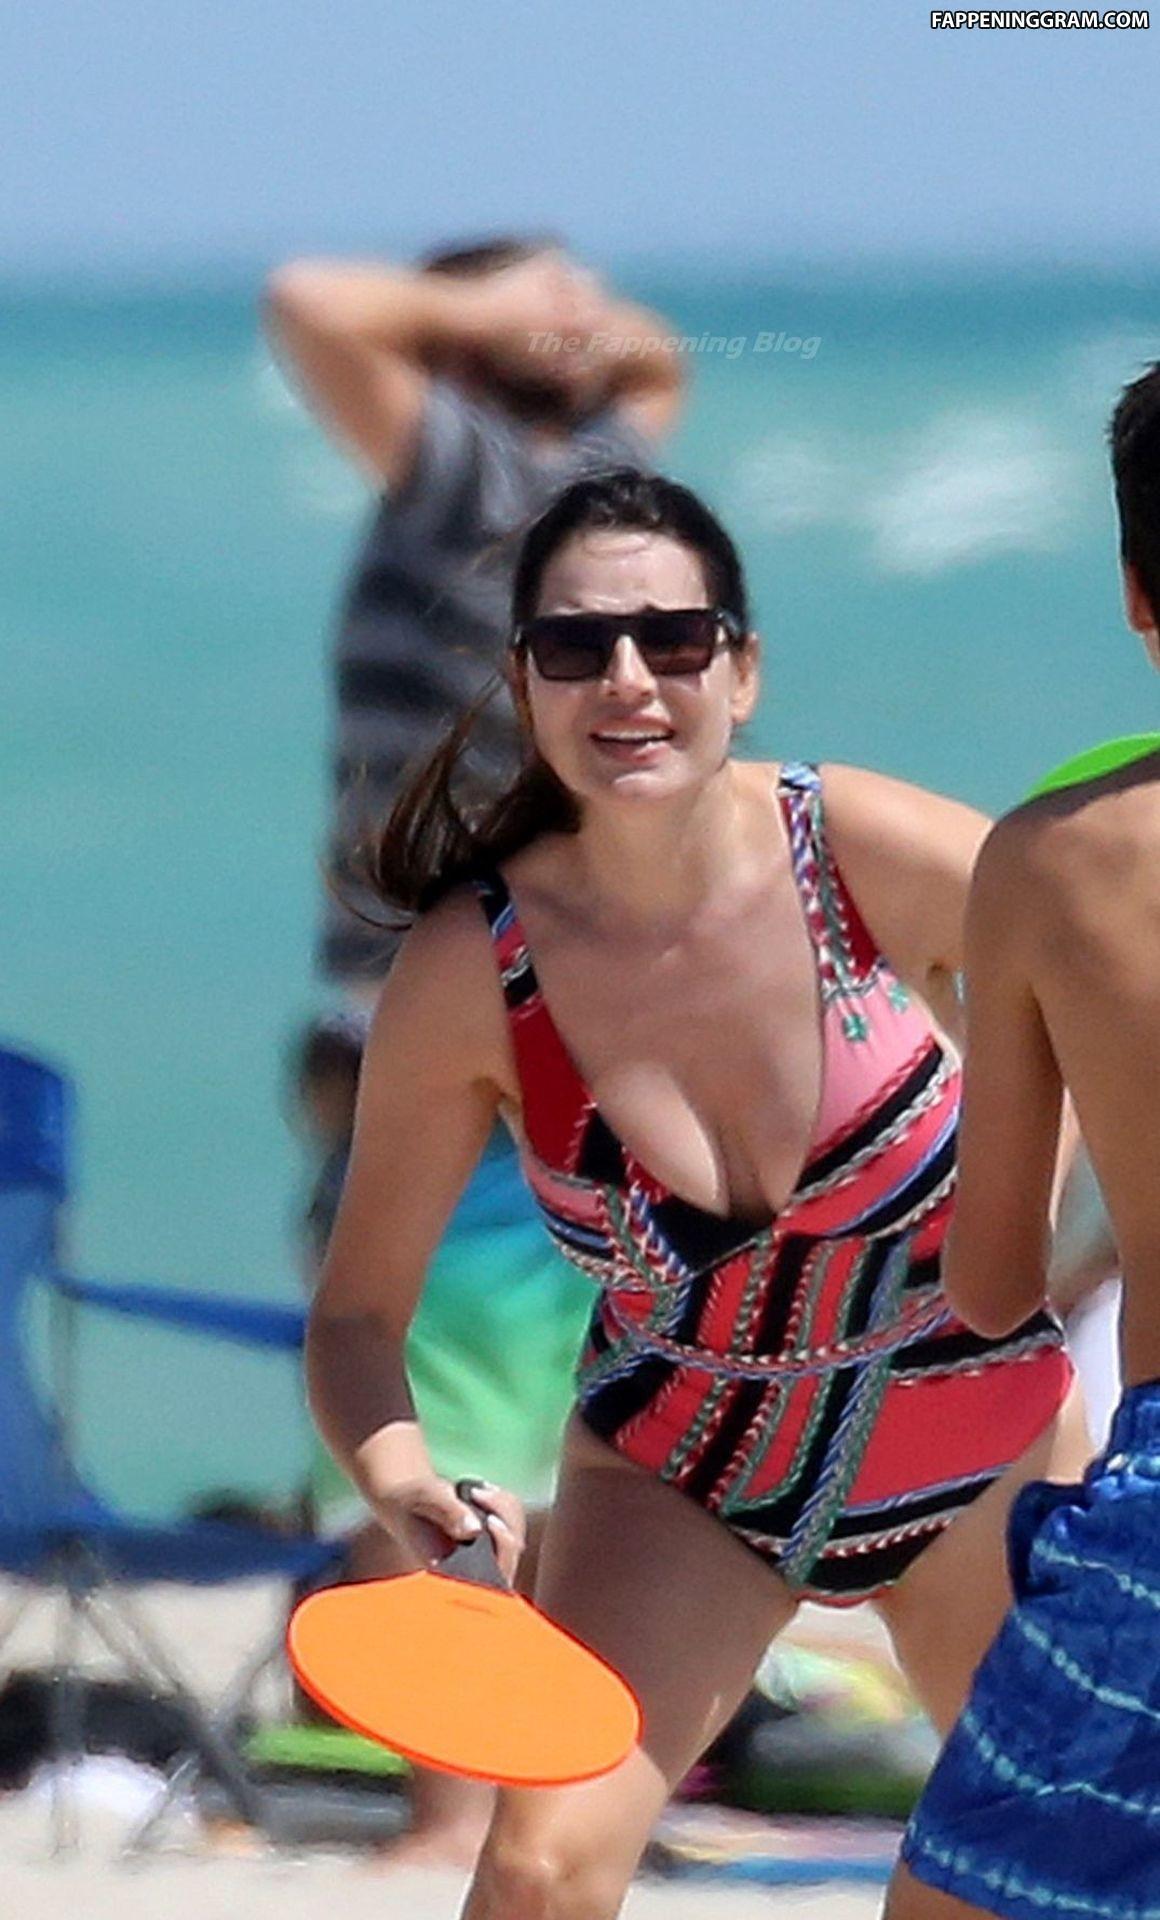 Sonia nackt Amoruso Juve legend